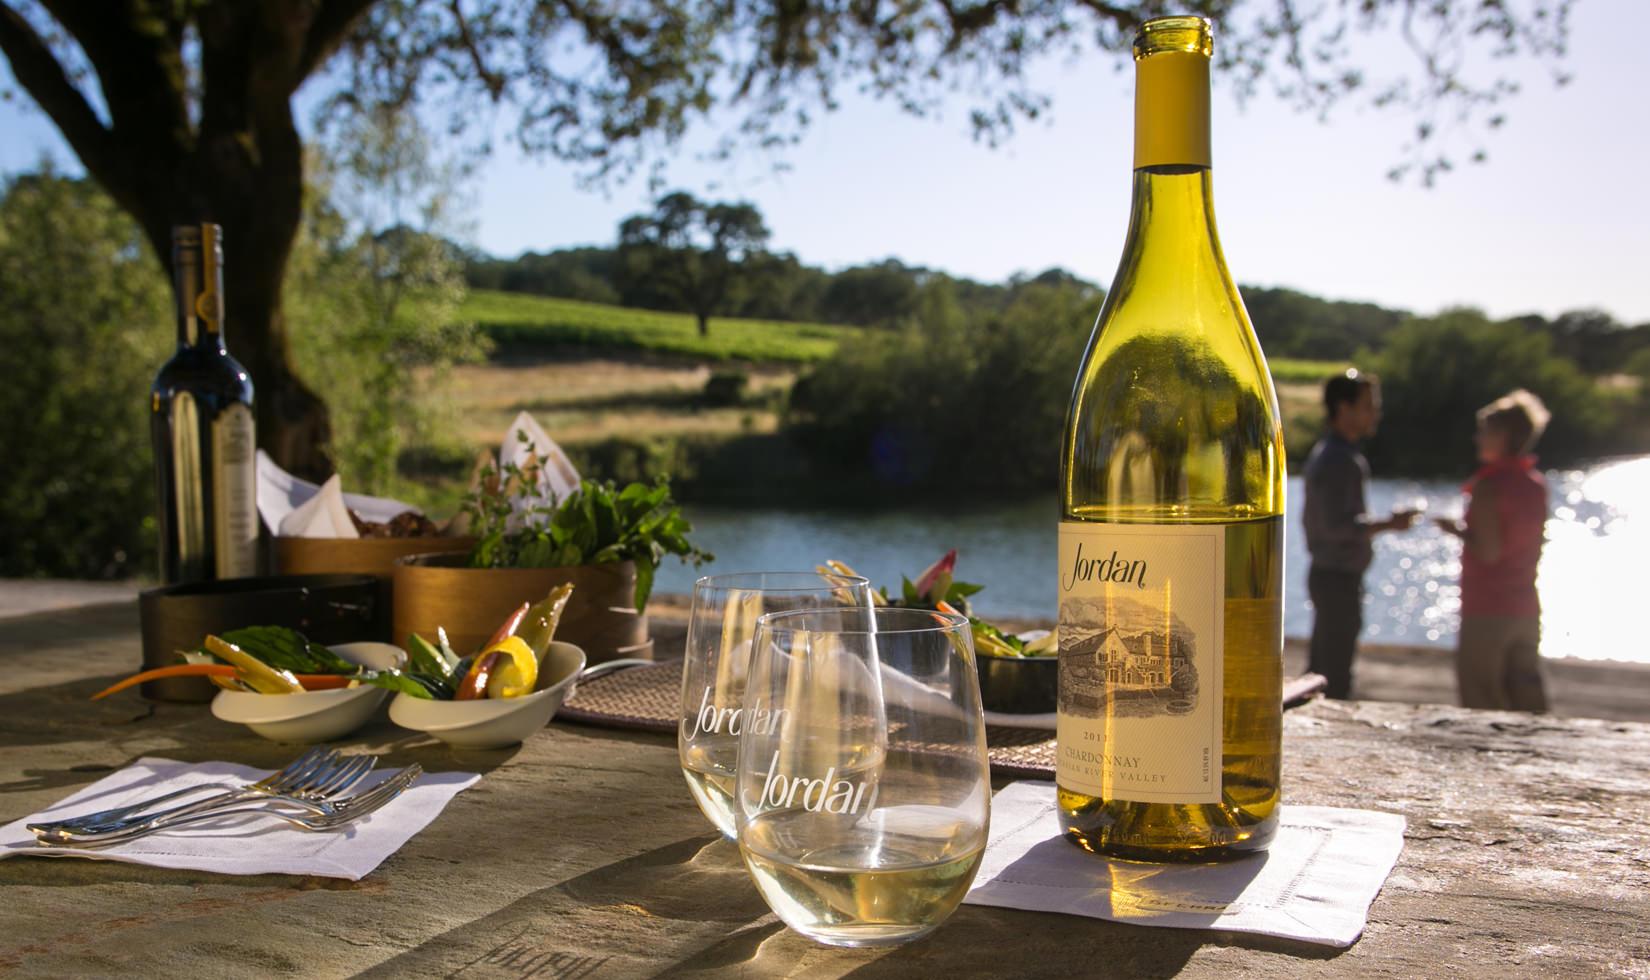 jordan wine estate in stellenbosch